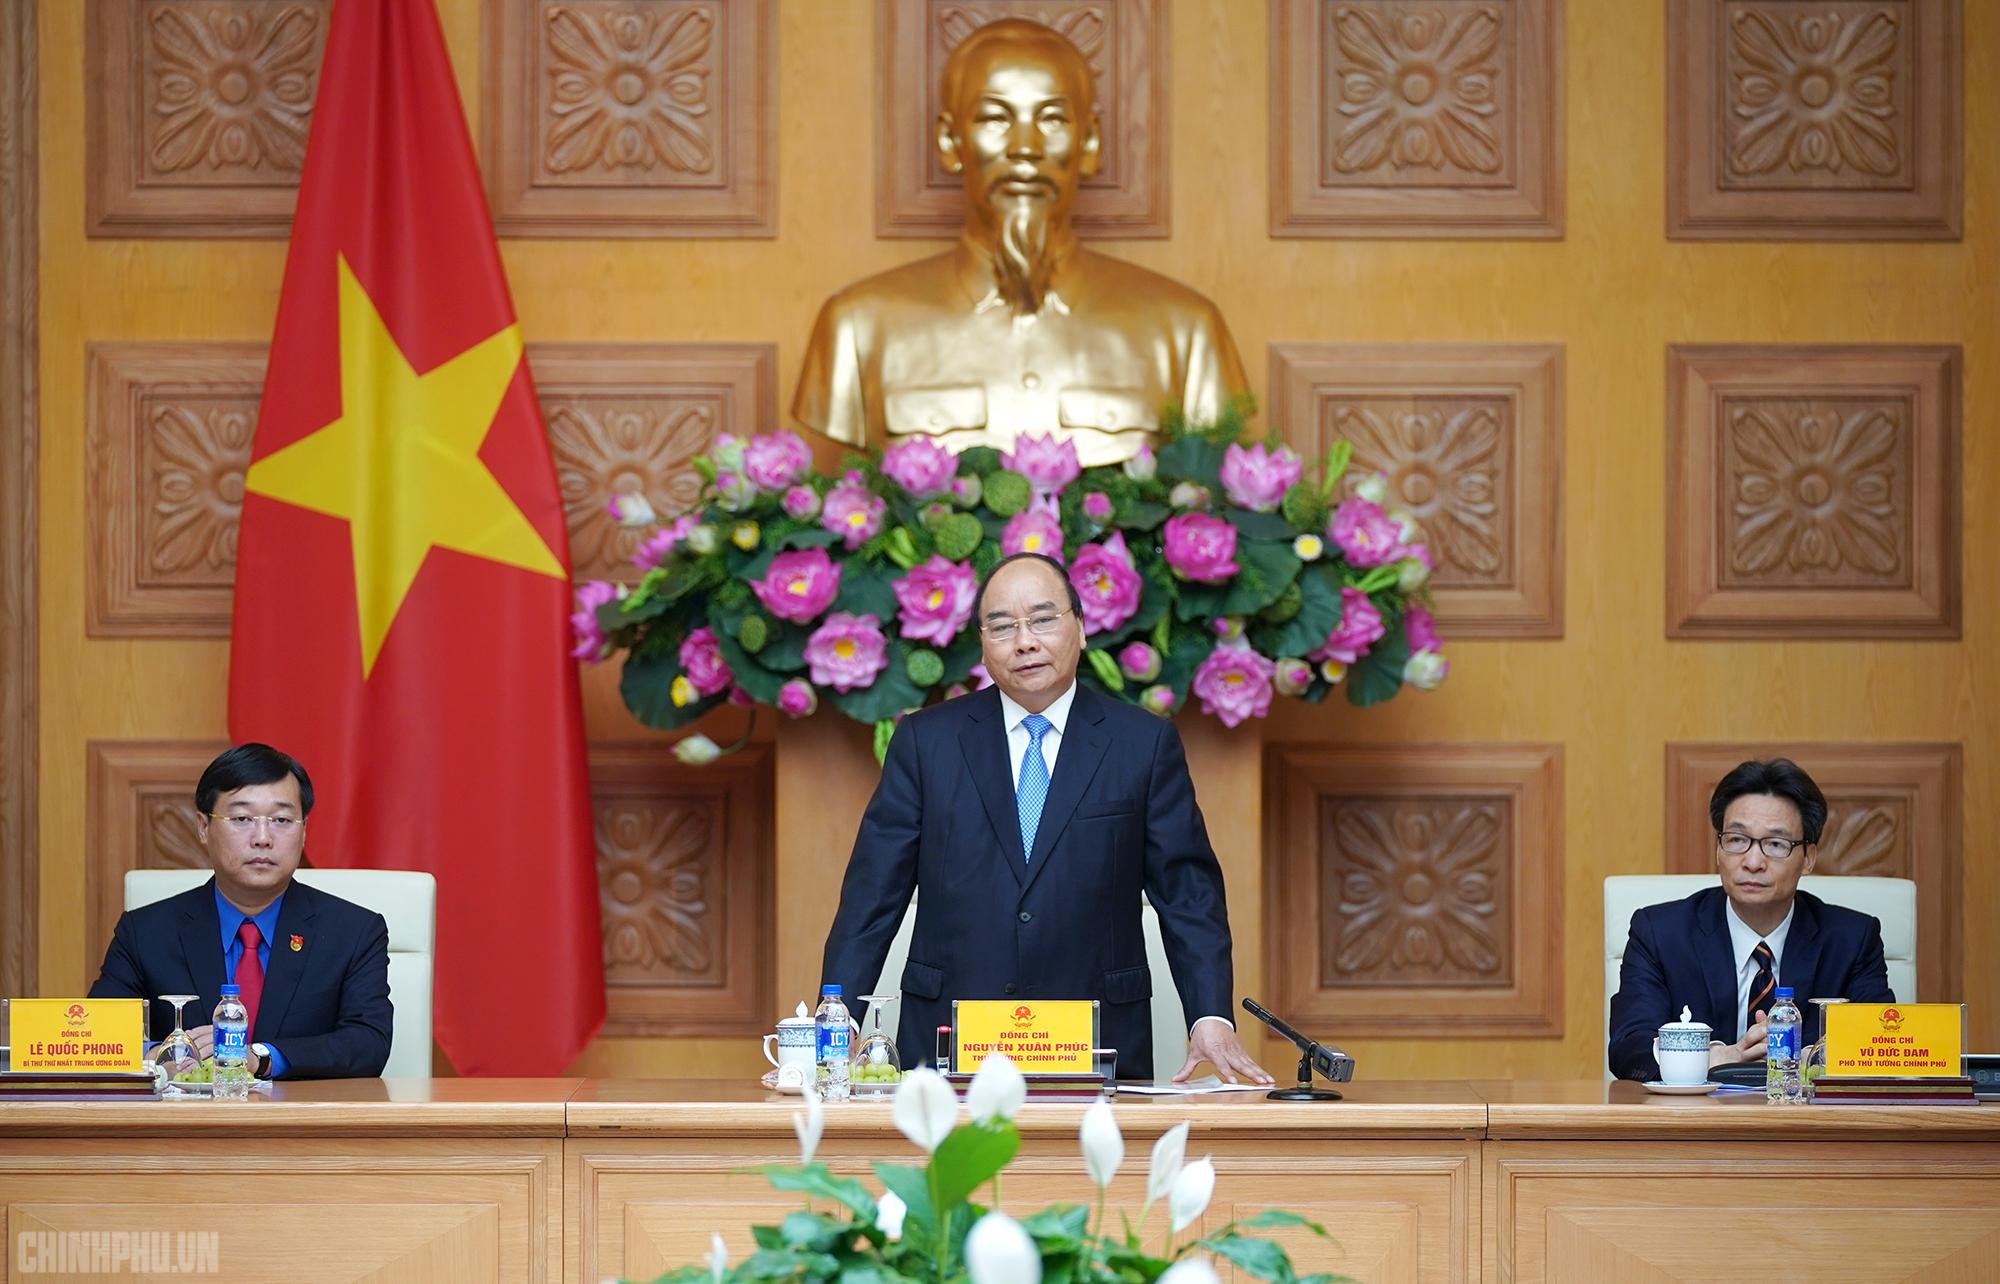 Thủ tướng Nguyễn Xuân Phúc: Thanh niên, đoàn viên cần tiếp tục phát huy vai trò xung kích đối với nhiệm vụ chung của đất nước